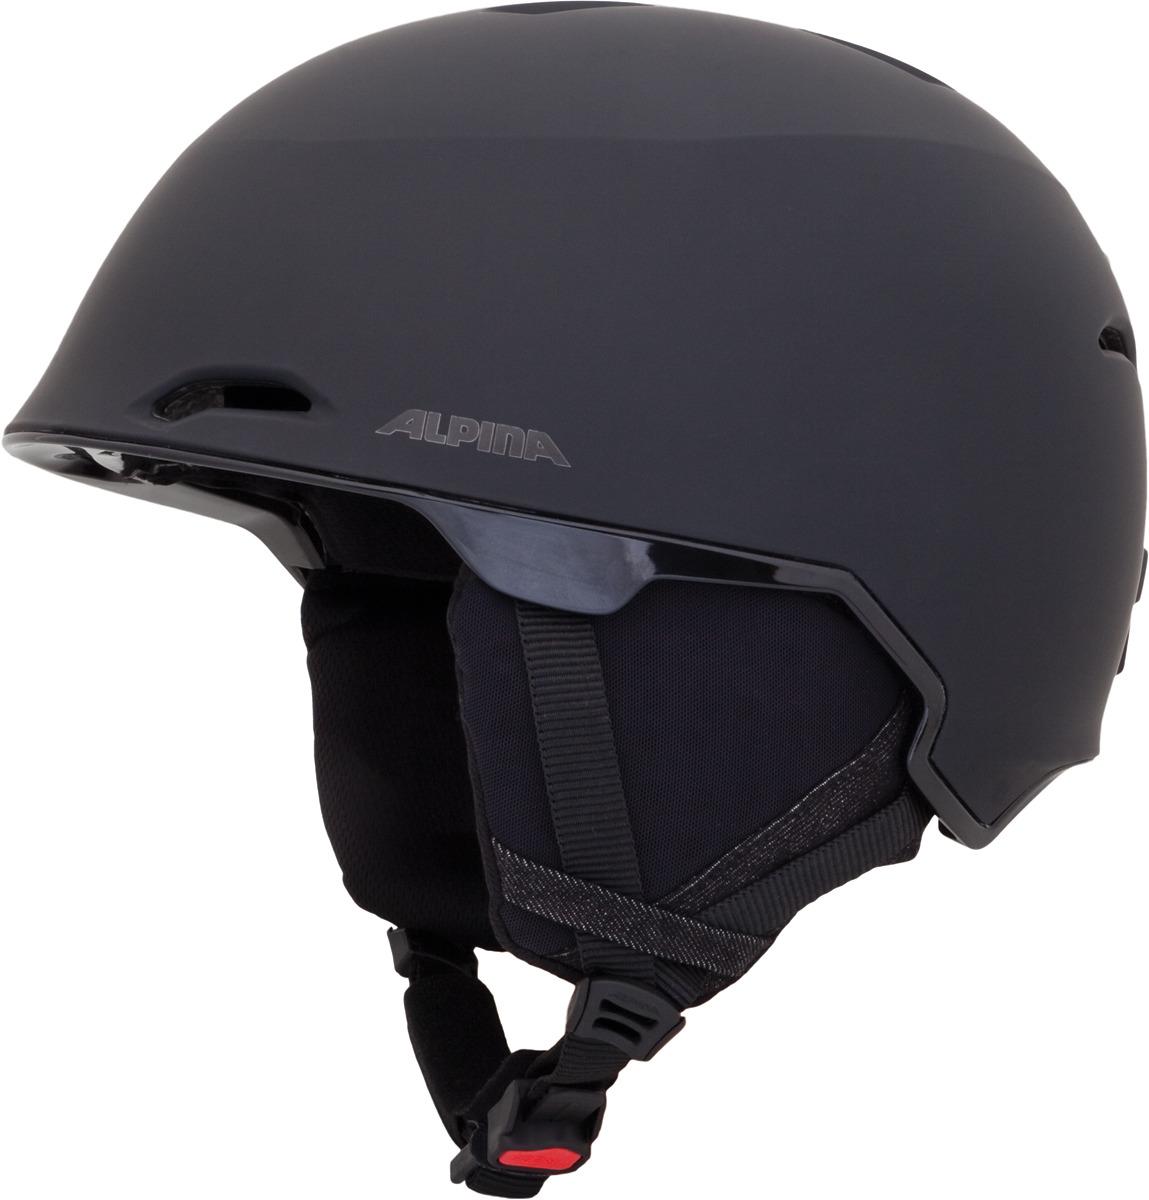 Шлем горнолыжный зимний Alpina Alpina Maroi, черный, размер 58-61 см